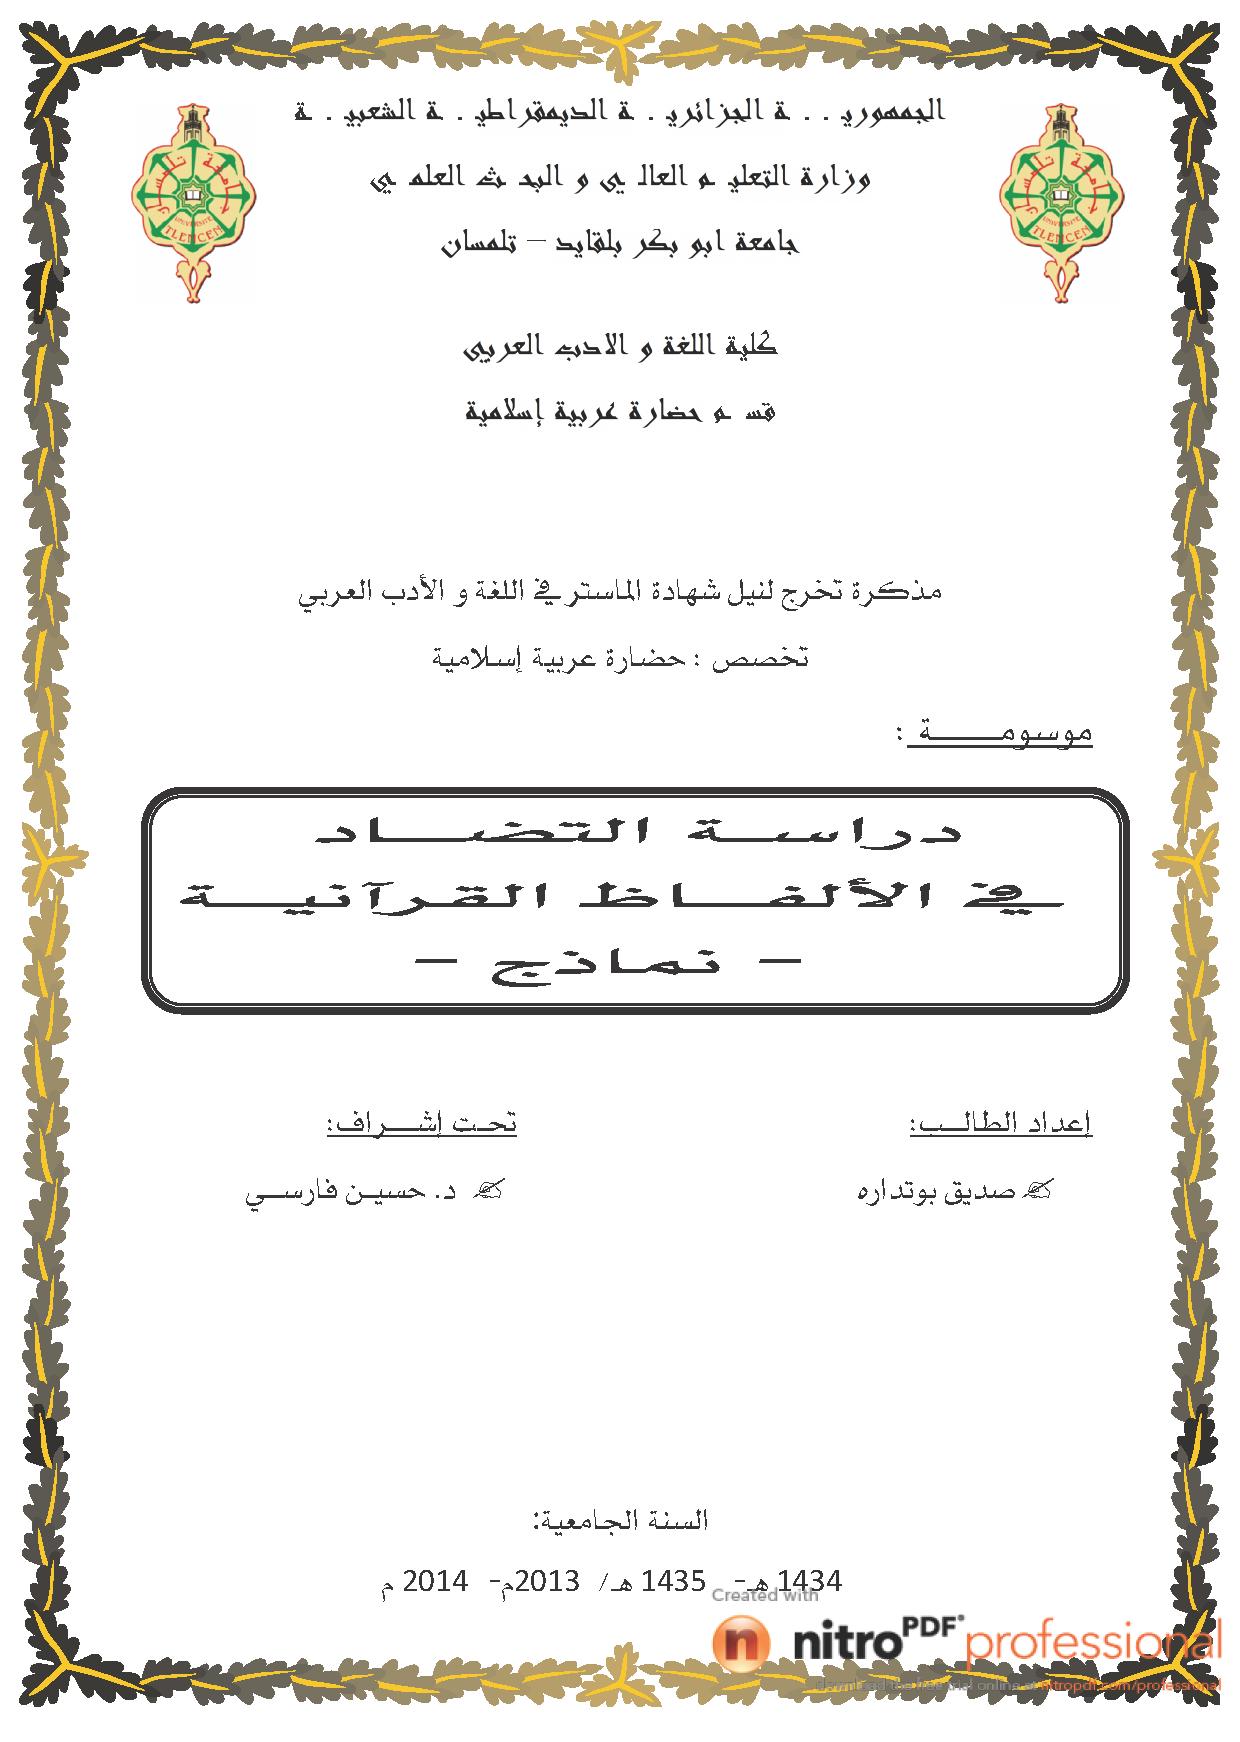 دراسة التضاد في الألفاظ القرآنية (نماذج) - صديق بوتداره